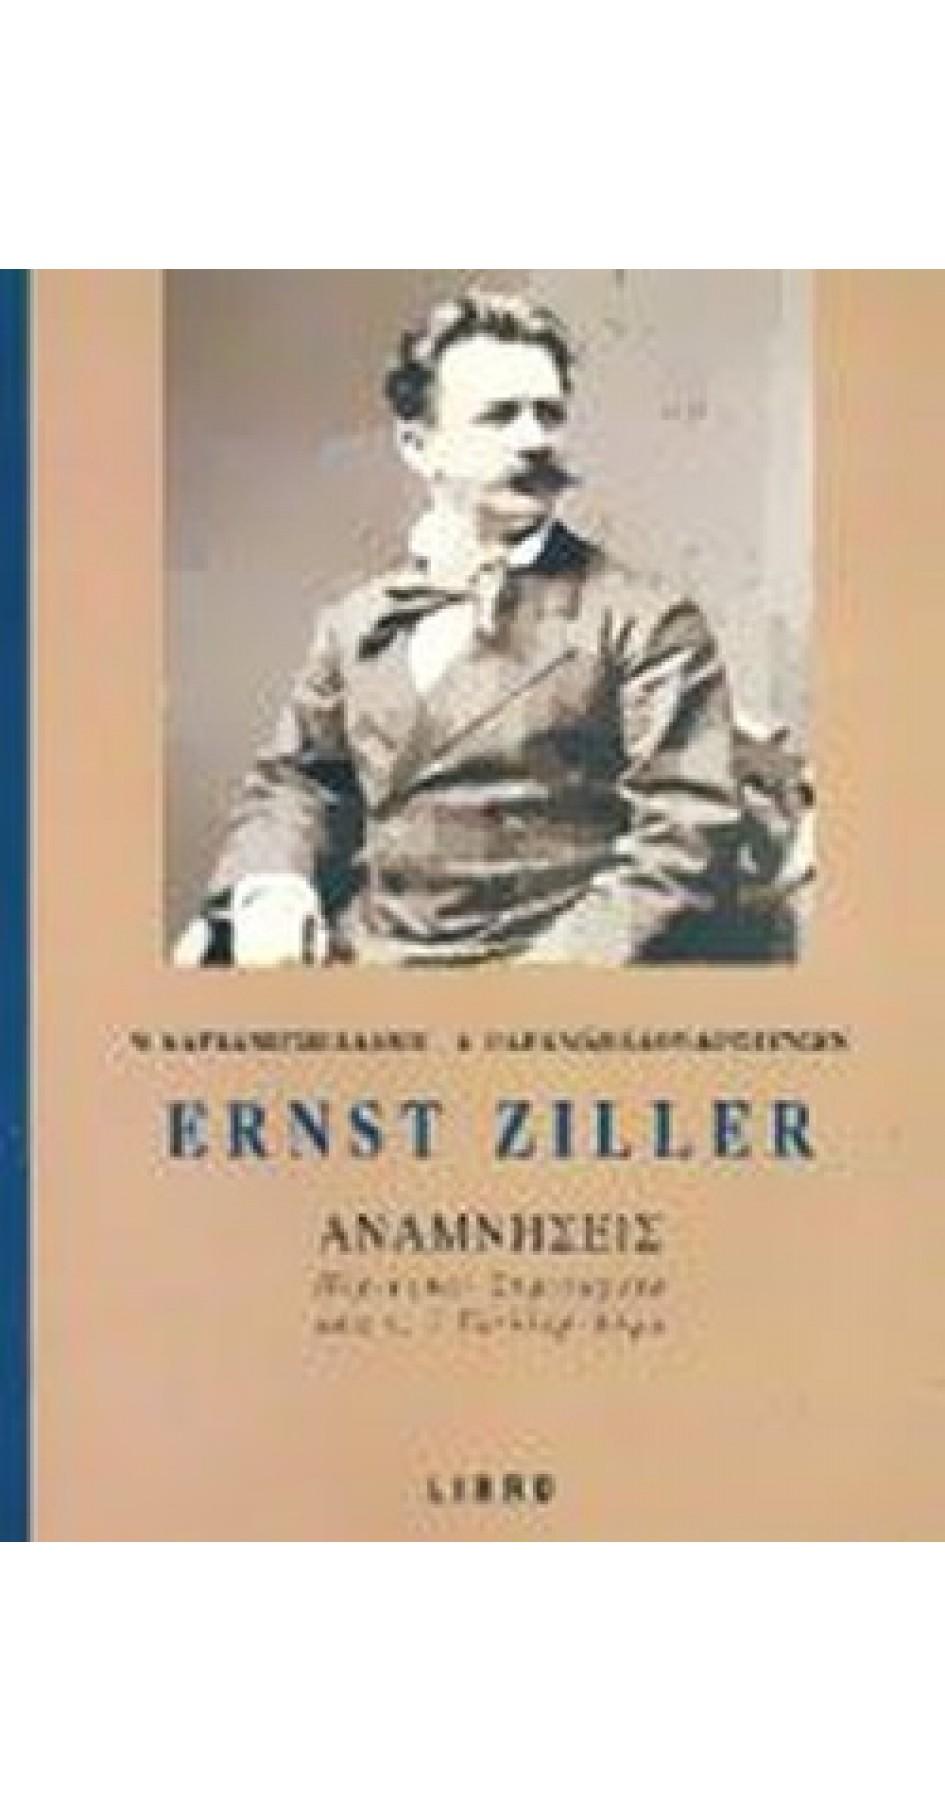 Ernst Ziller: Αναμνήσεις Περικοπαί, Σημειώματα Υπό Ι. Τσίλλερ-Δήμα (book in Greek)